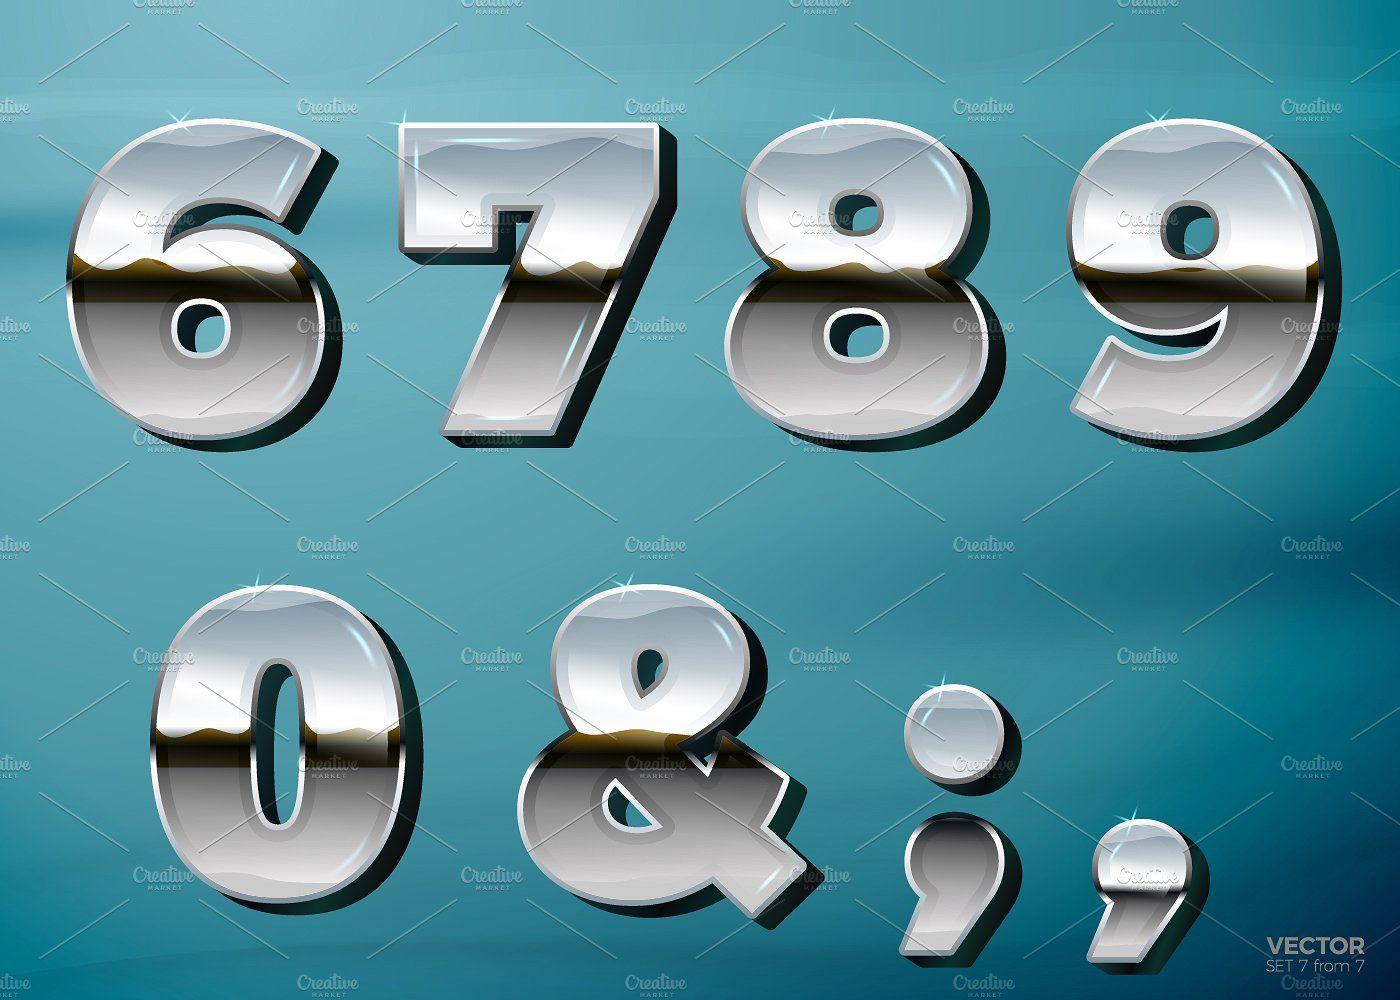 683874efab4bd8675ad74e338c60b7f9